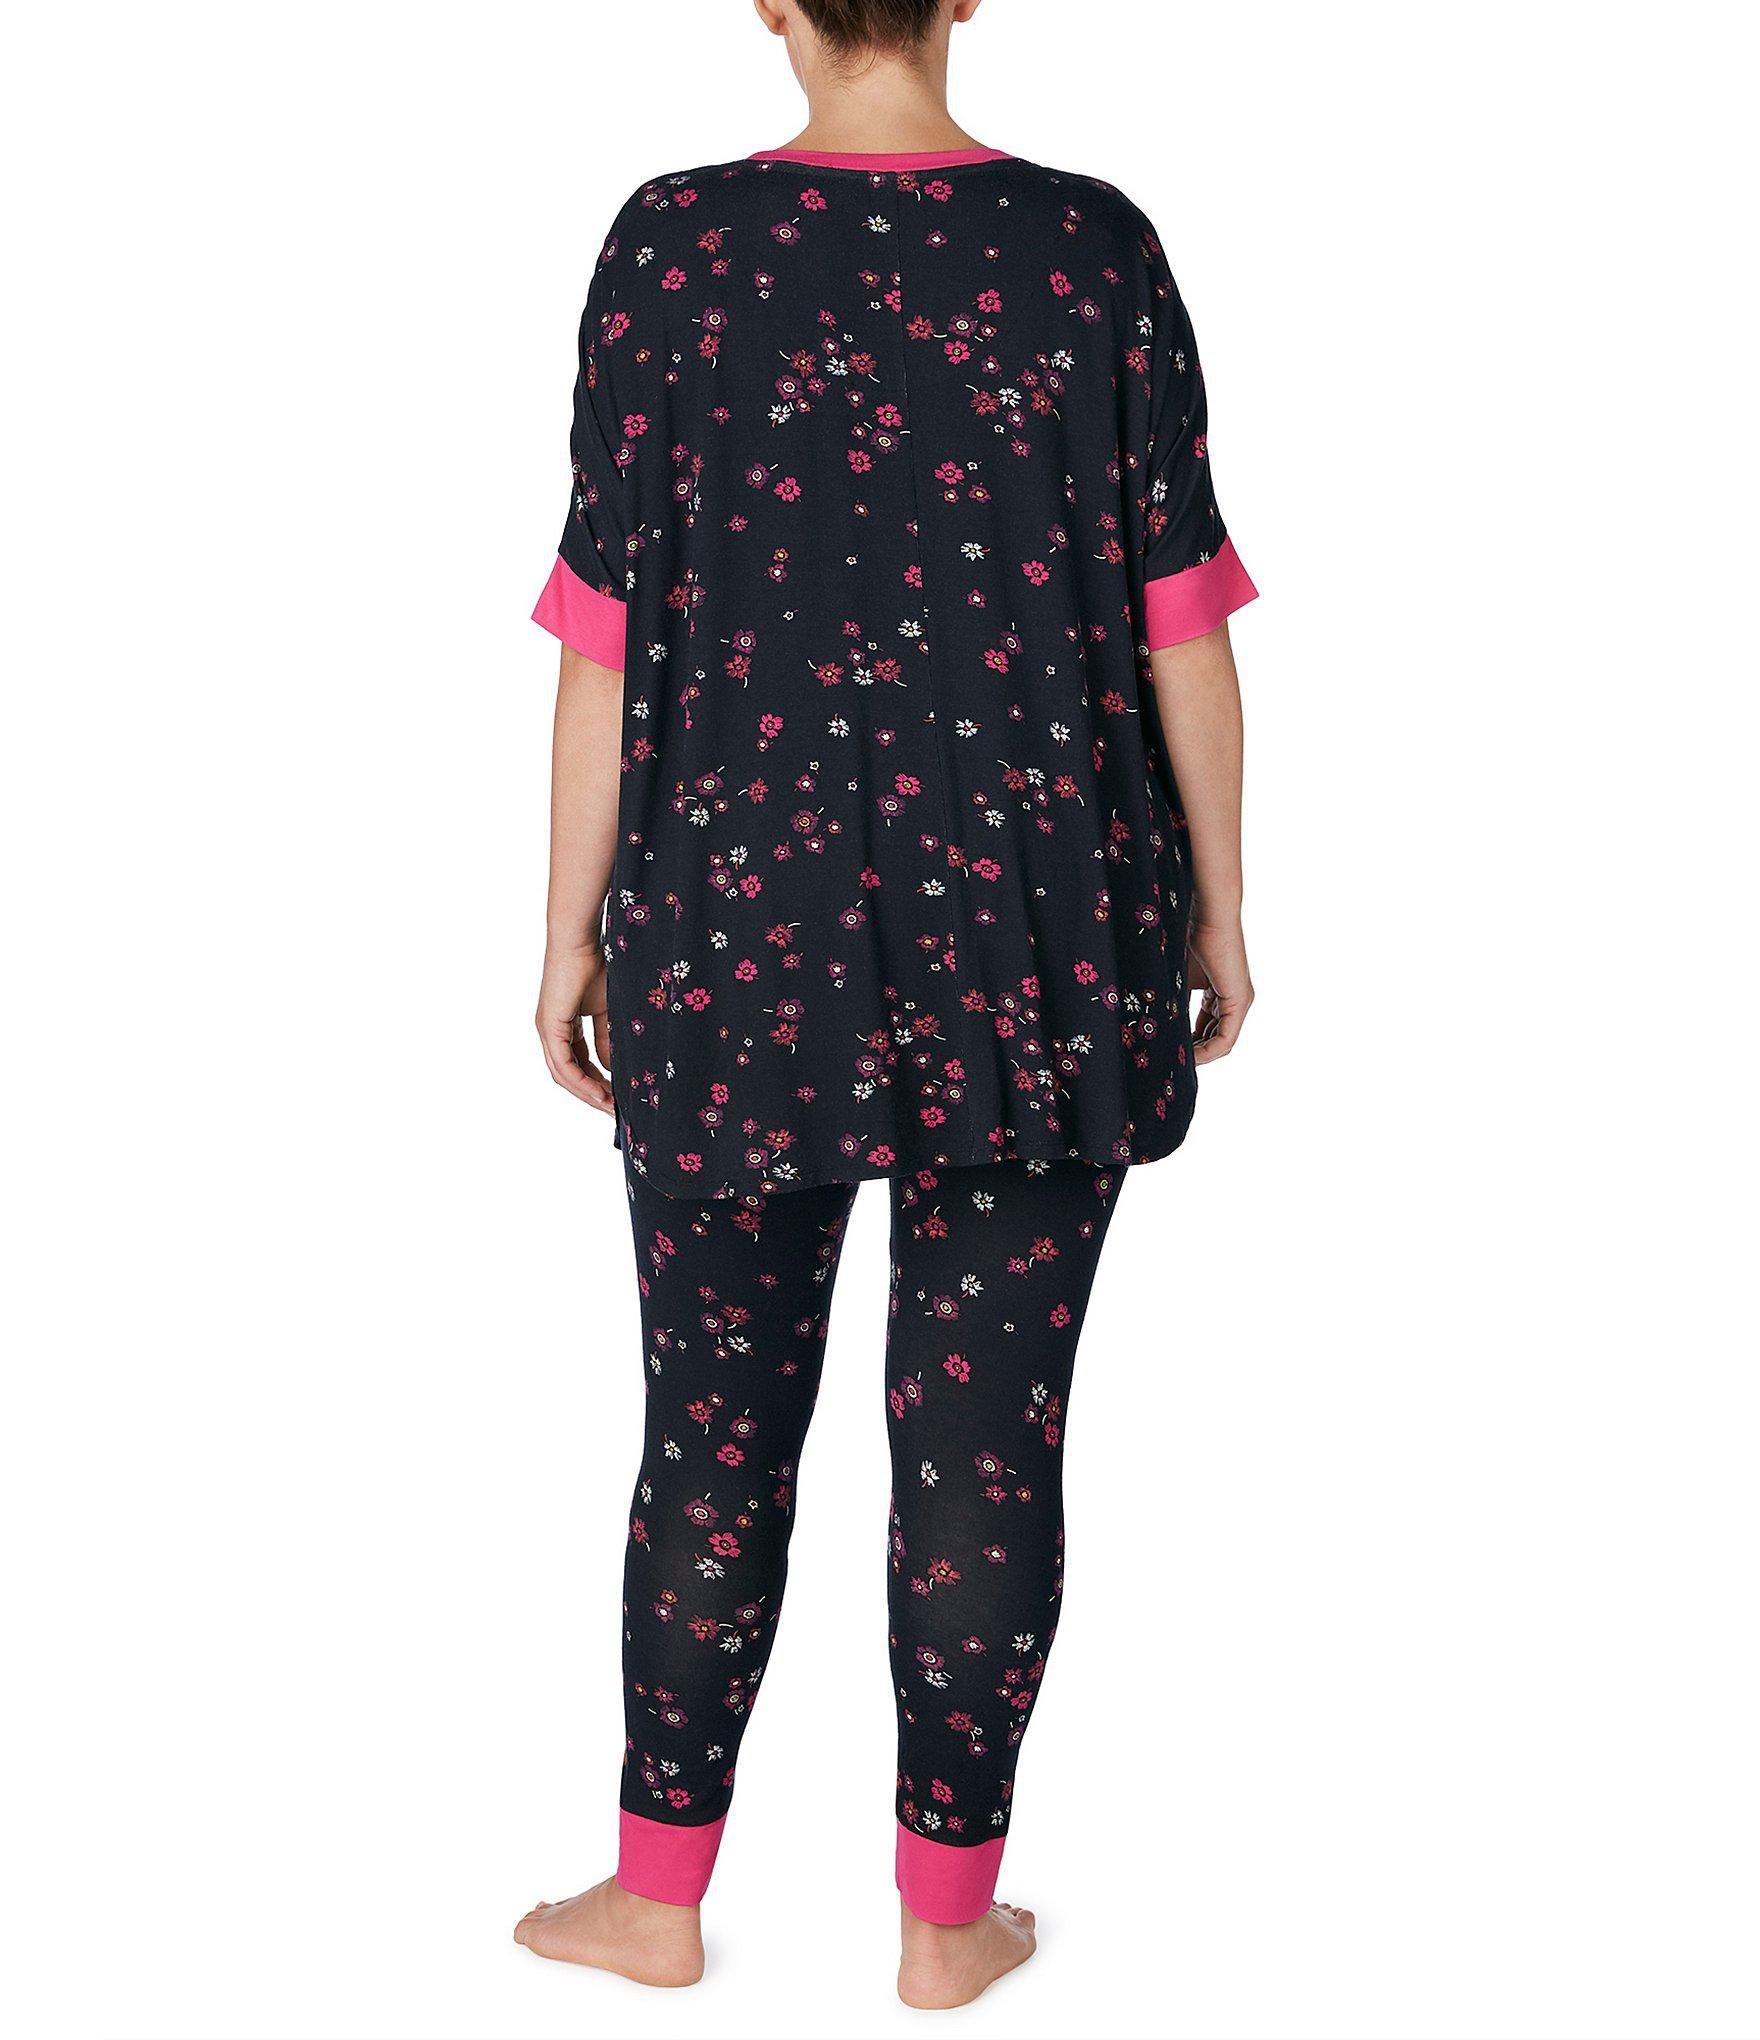 6906ec0651d Lyst - Kensie Plus Flower-printed Tee   Legging Jersey Knit Pajama ...